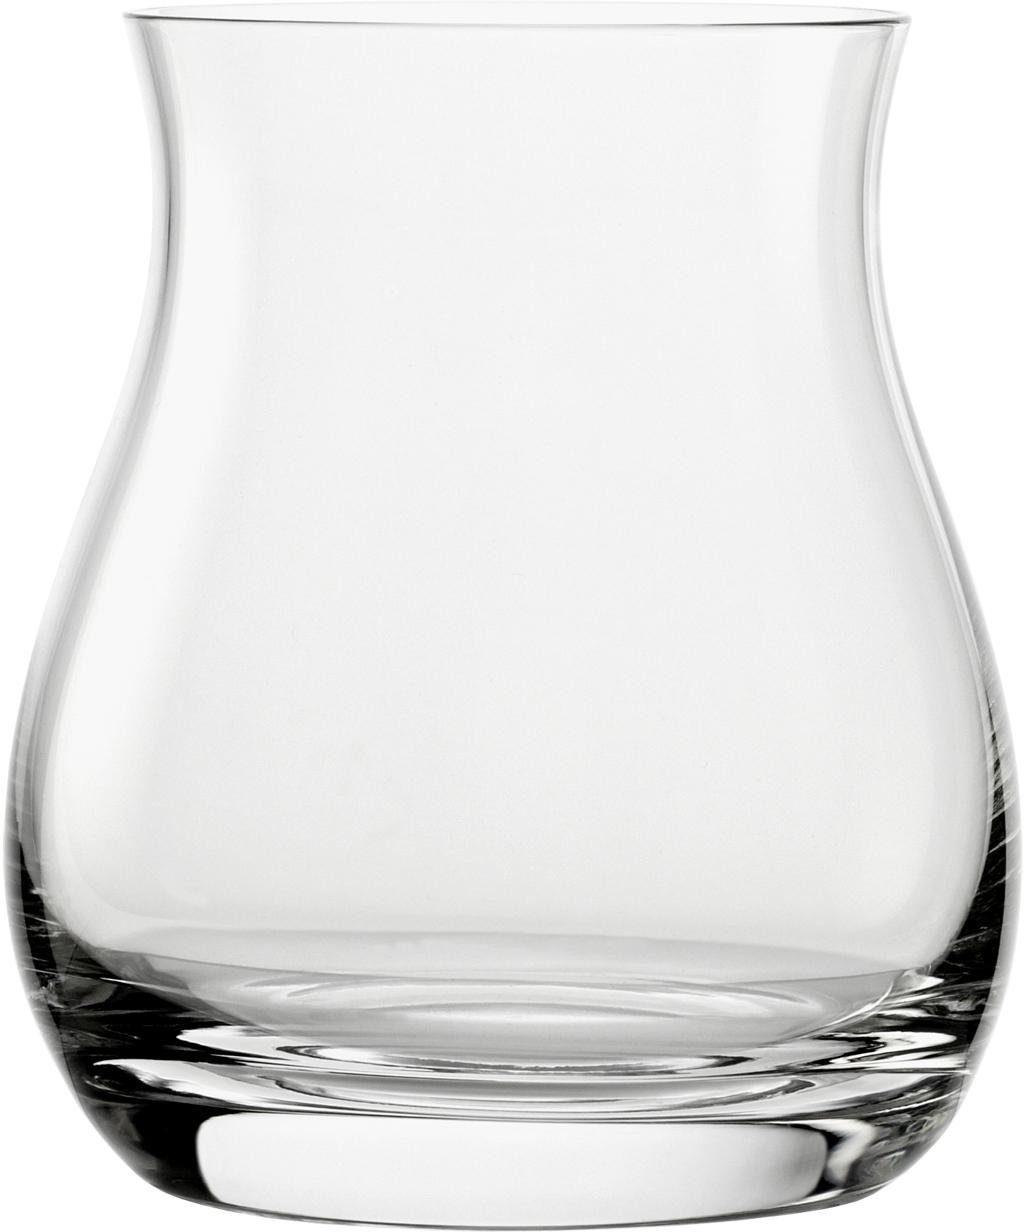 Stölzle Whiskyglas »Canadian Whisky« (6 Stück)